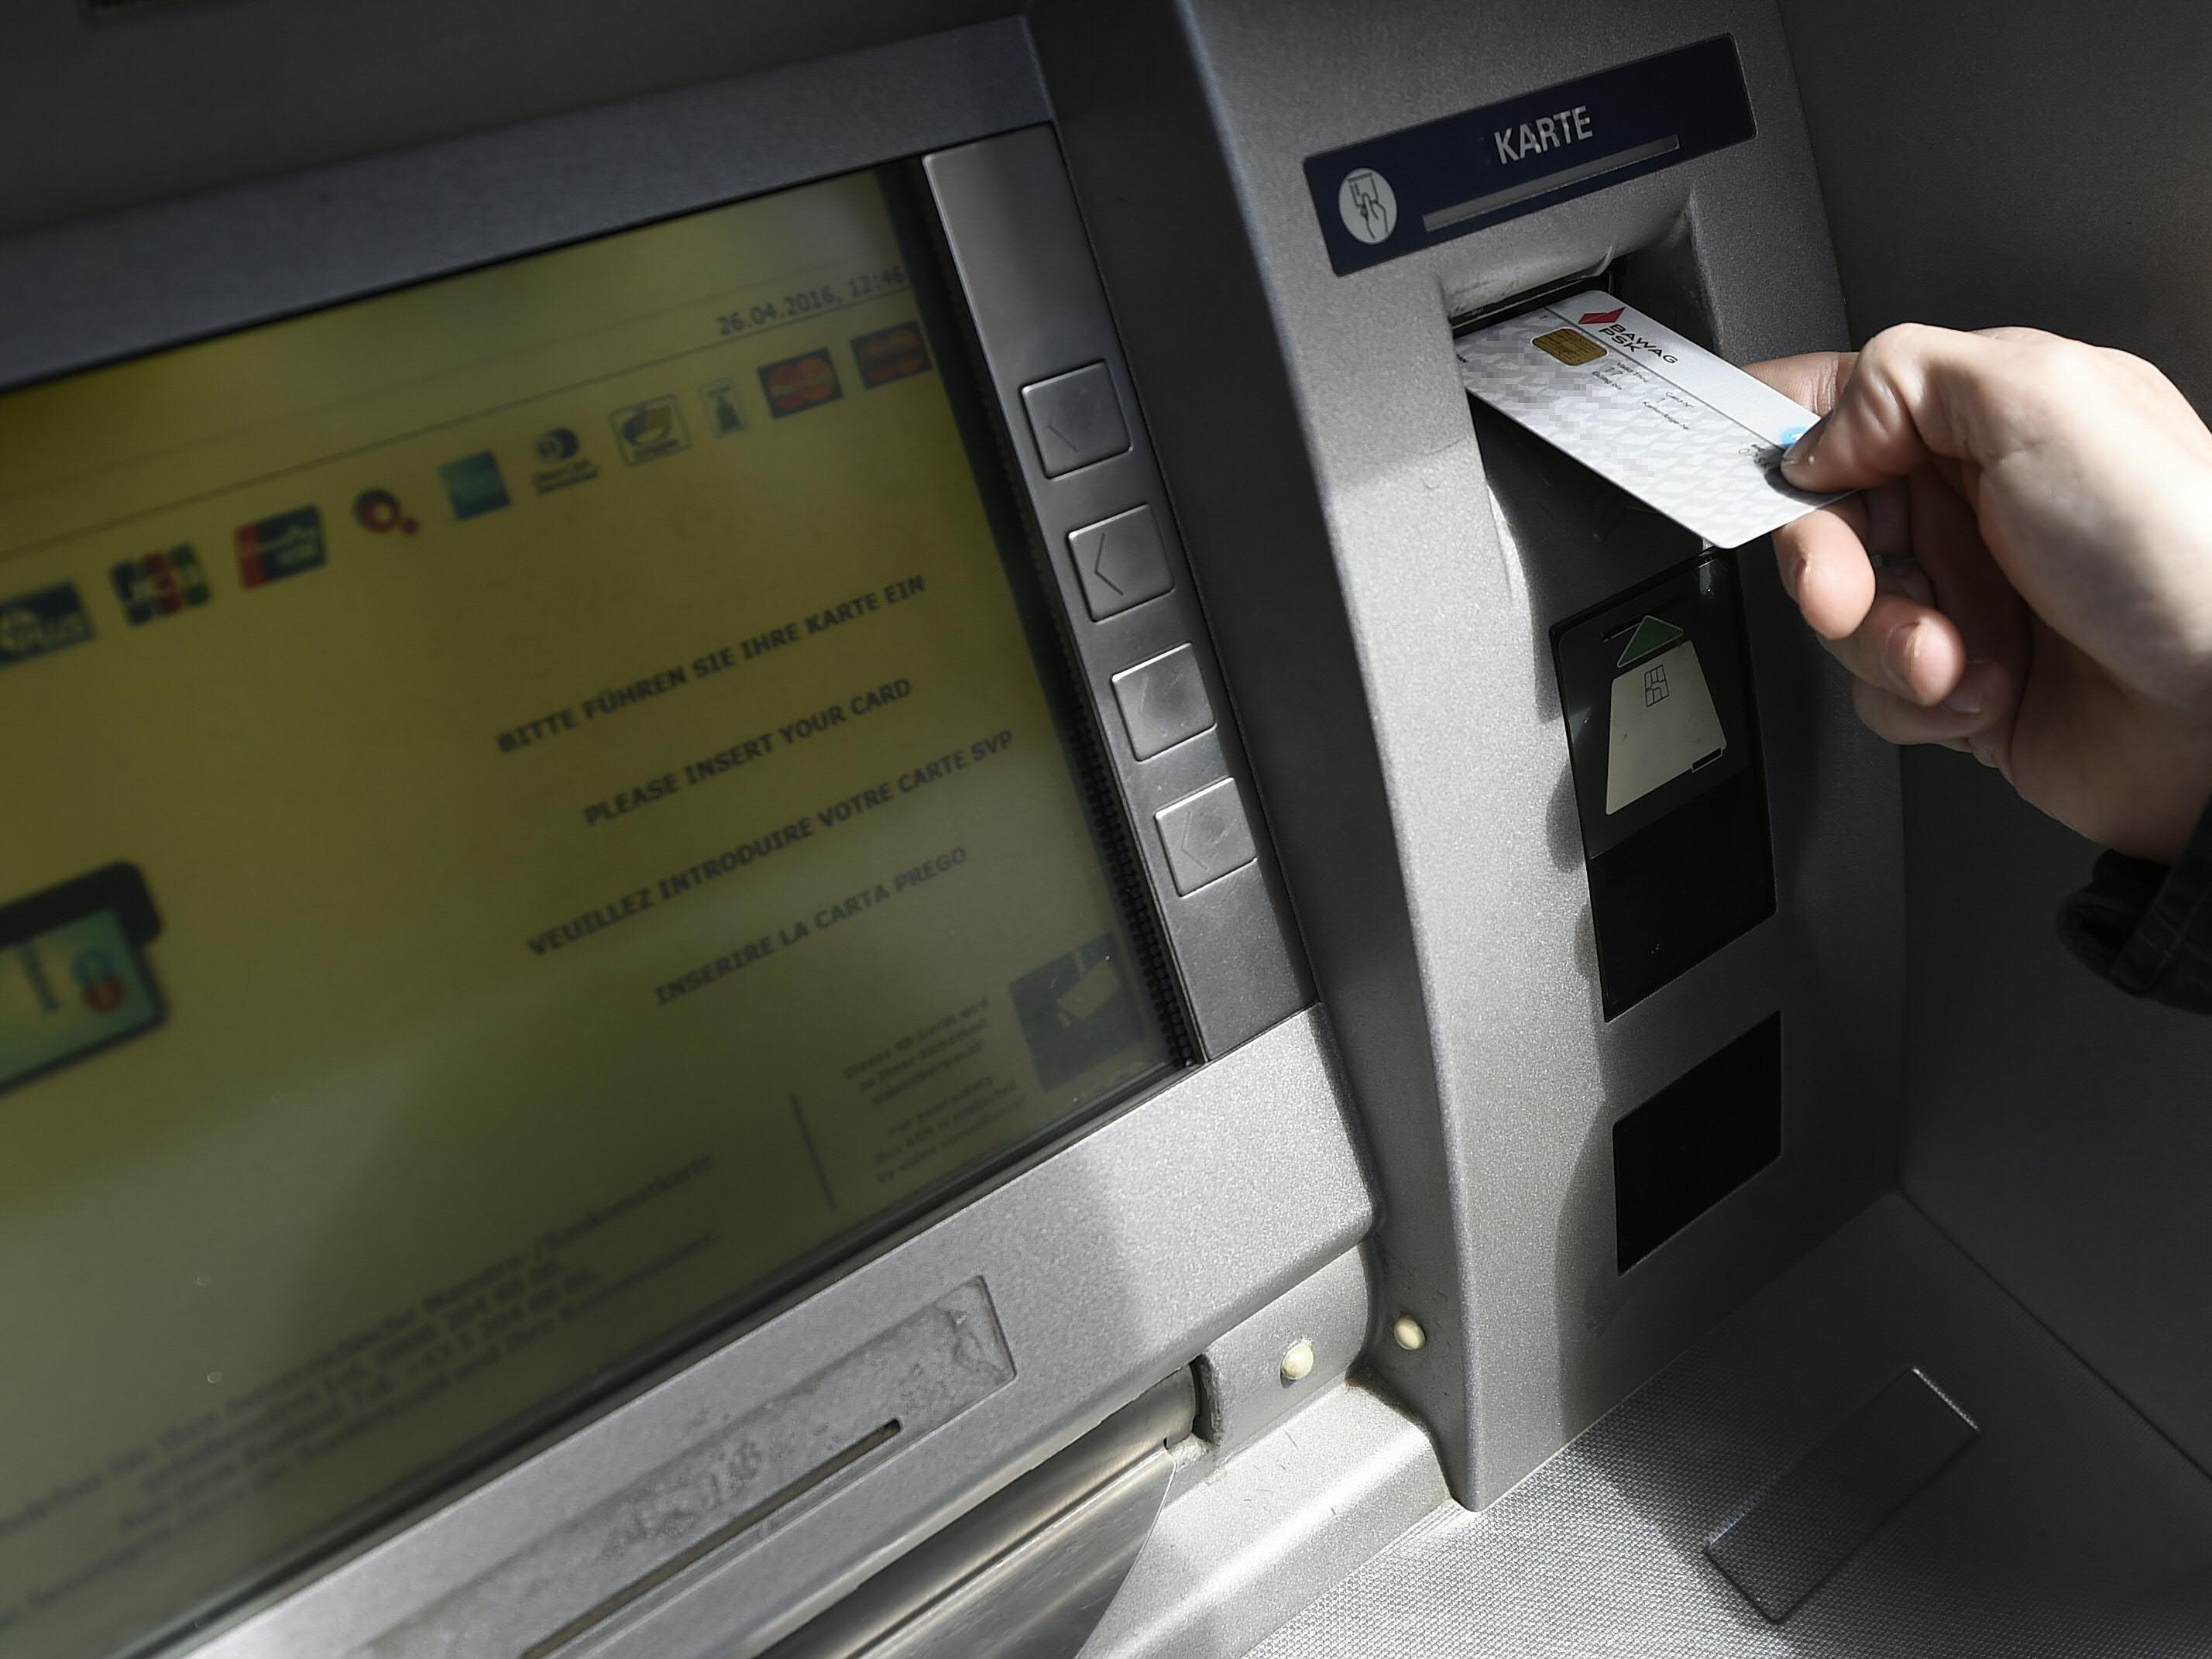 Die seit Montagnachmittag österreichweit ausgefallenen Bankomaten funktionieren wieder. Bei Bezahlterminals in Geschäften gibt es noch vereinzelt Probleme.